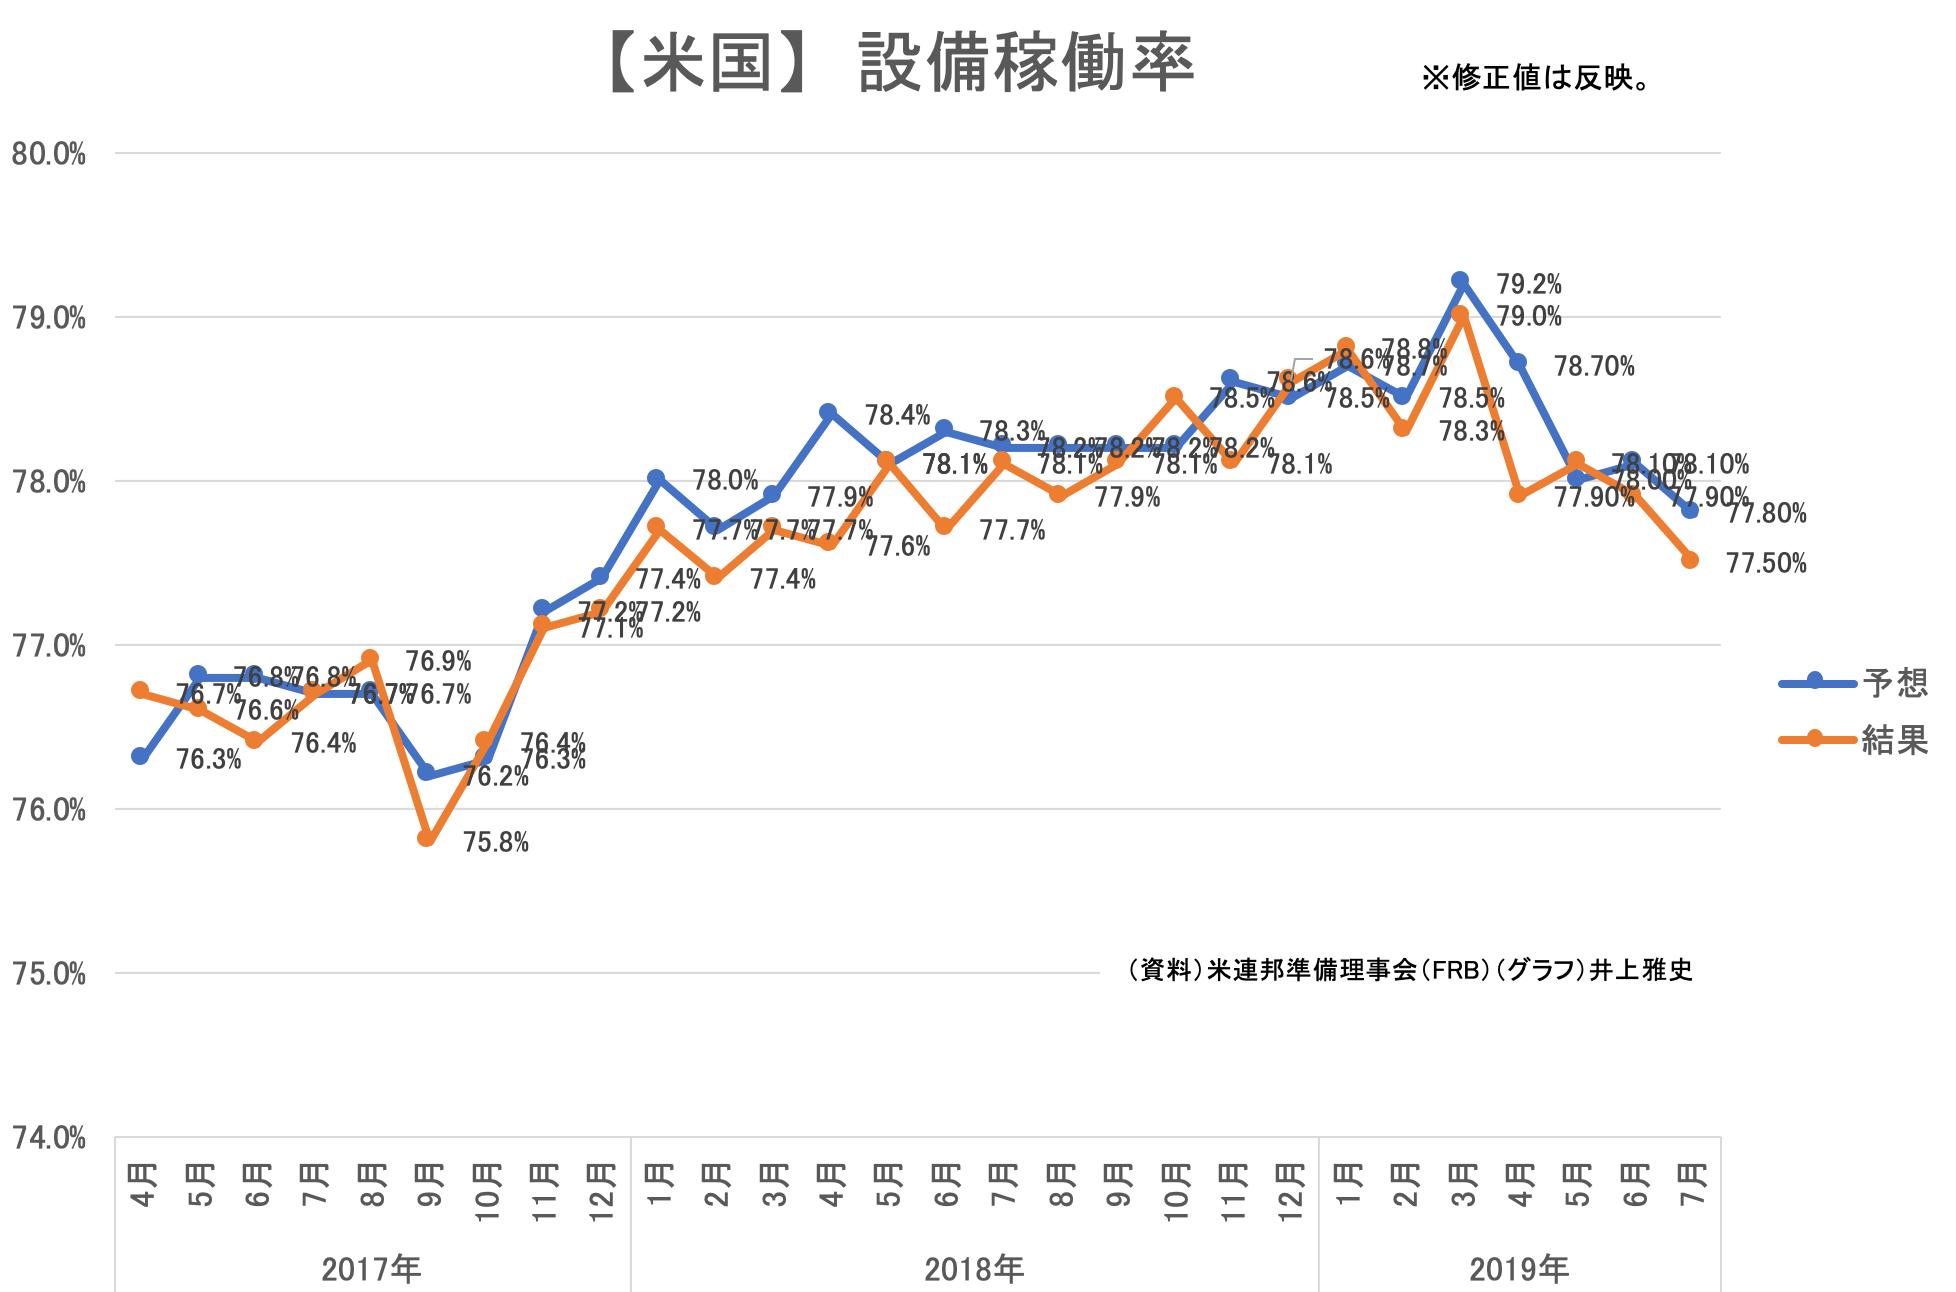 00(15日)★【米国】鉱工業指数・設備稼働率201907